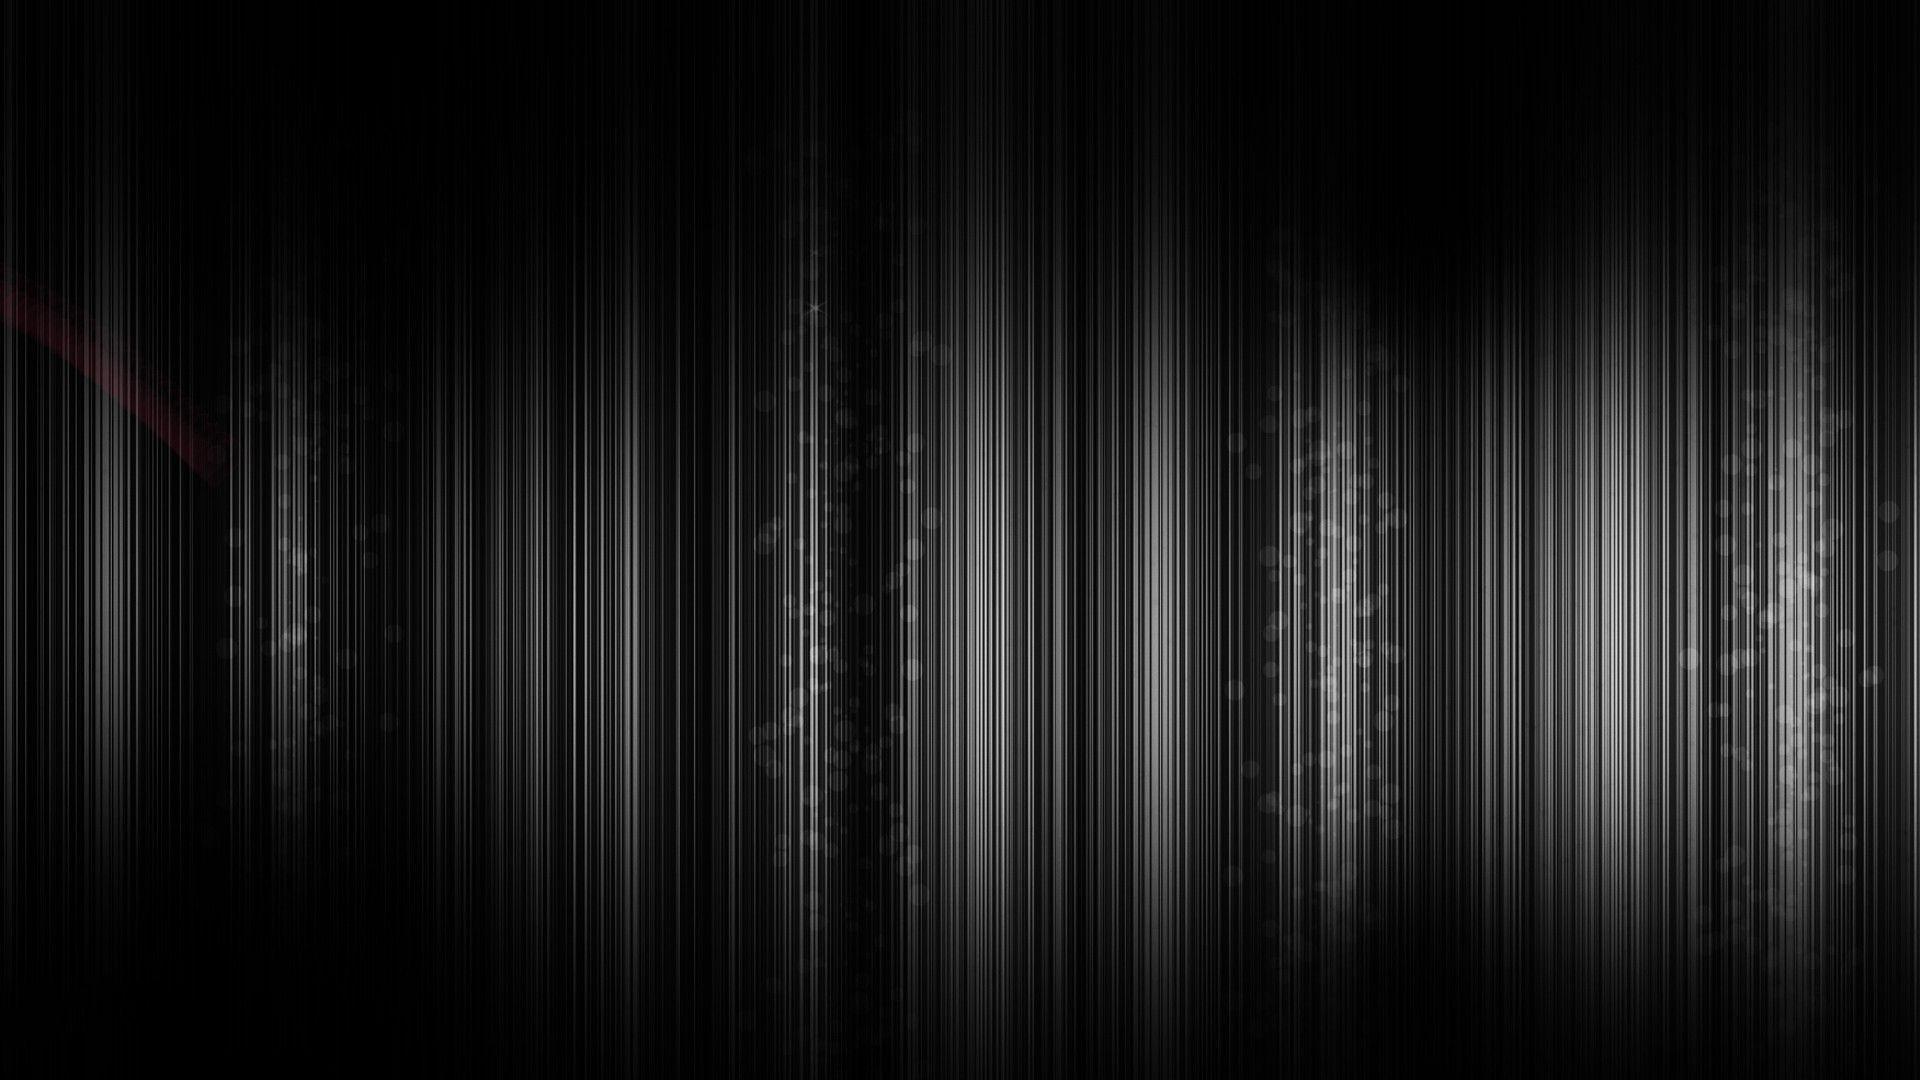 Fond D Ecran Abstrait Noir Et Blanc Fond Noir Et Blanc Hd 1006689 Hd Wallpaper Backgrounds Download